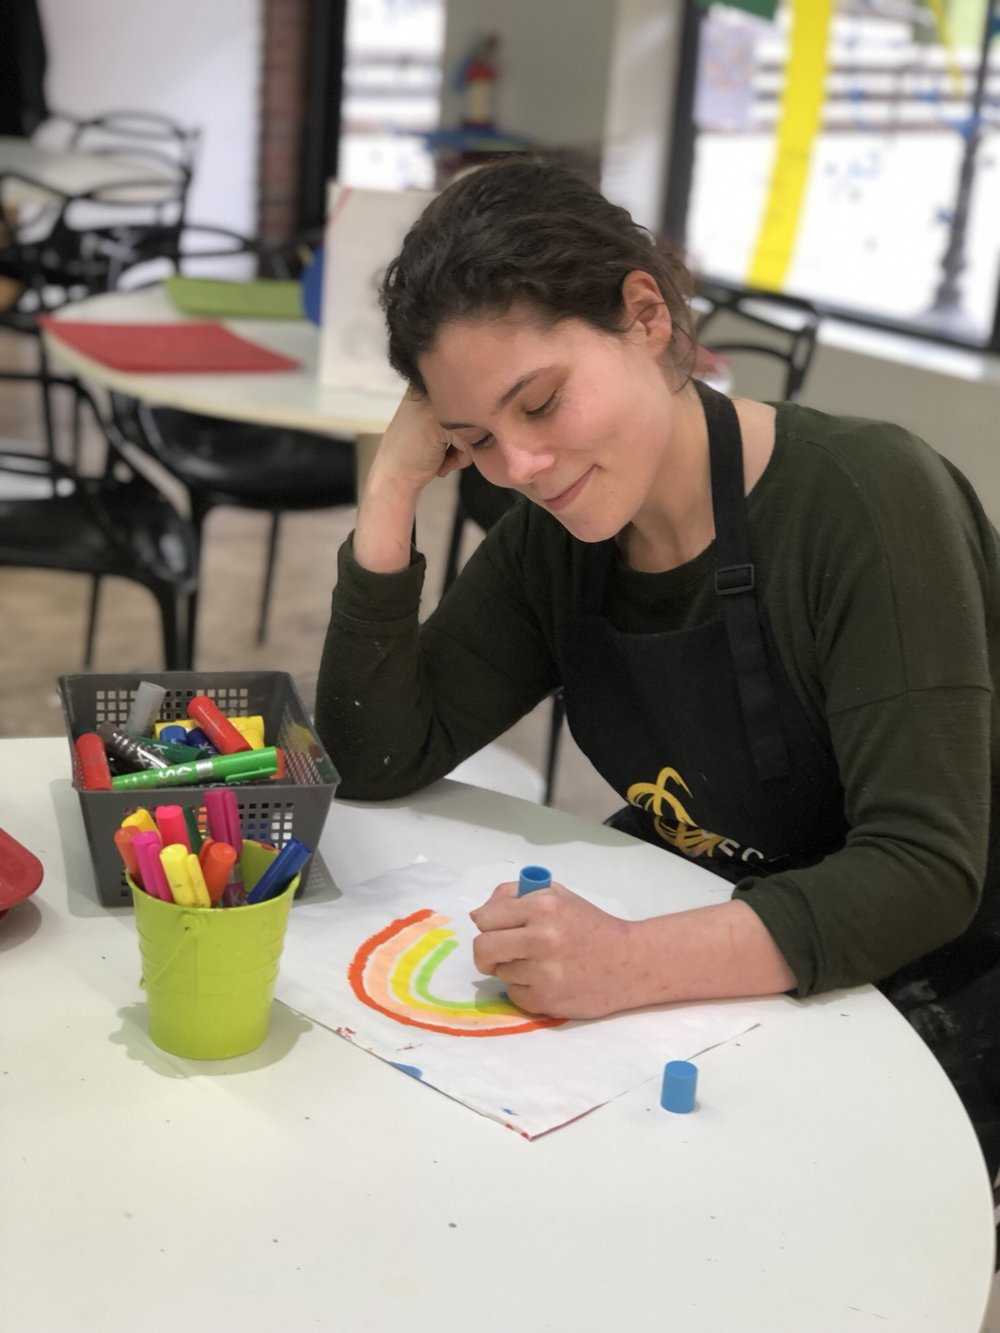 Studio Instructor Lauren using Kwik Stix